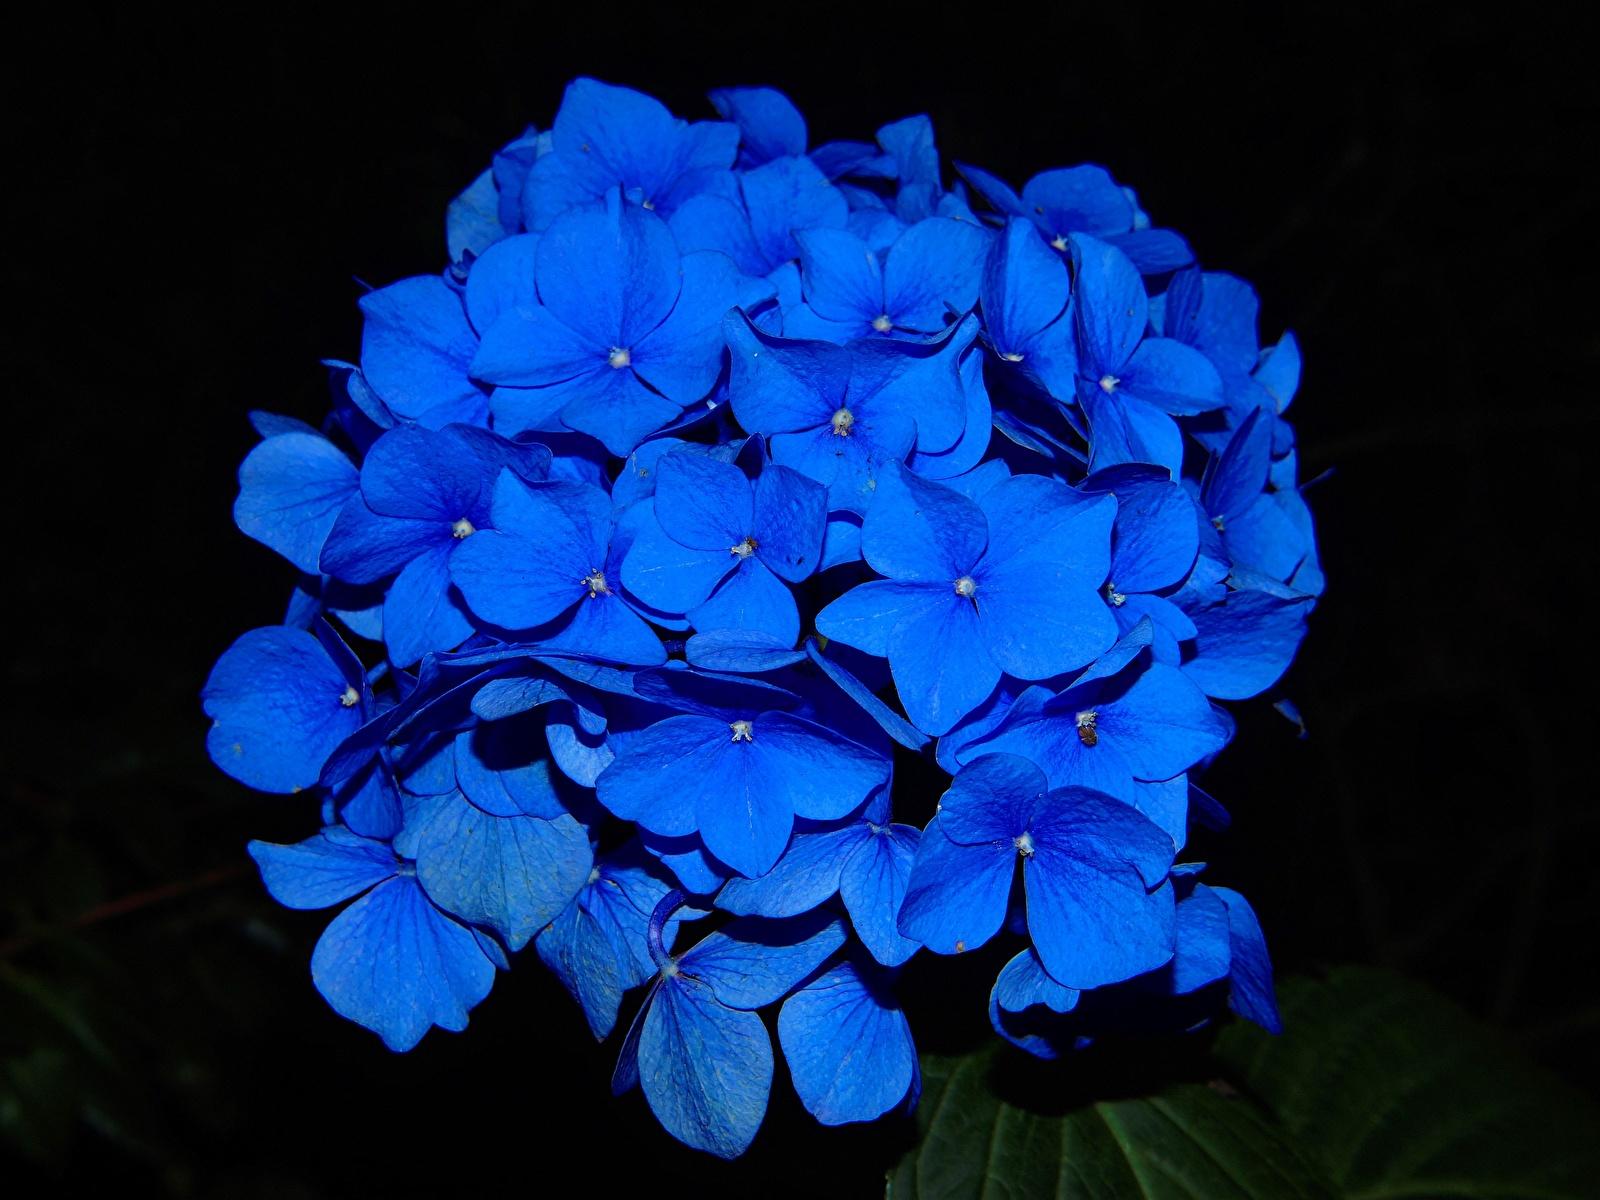 Foto Blau Blüte Hortensien Großansicht Schwarzer Hintergrund 1600x1200 Blumen Hortensie hautnah Nahaufnahme